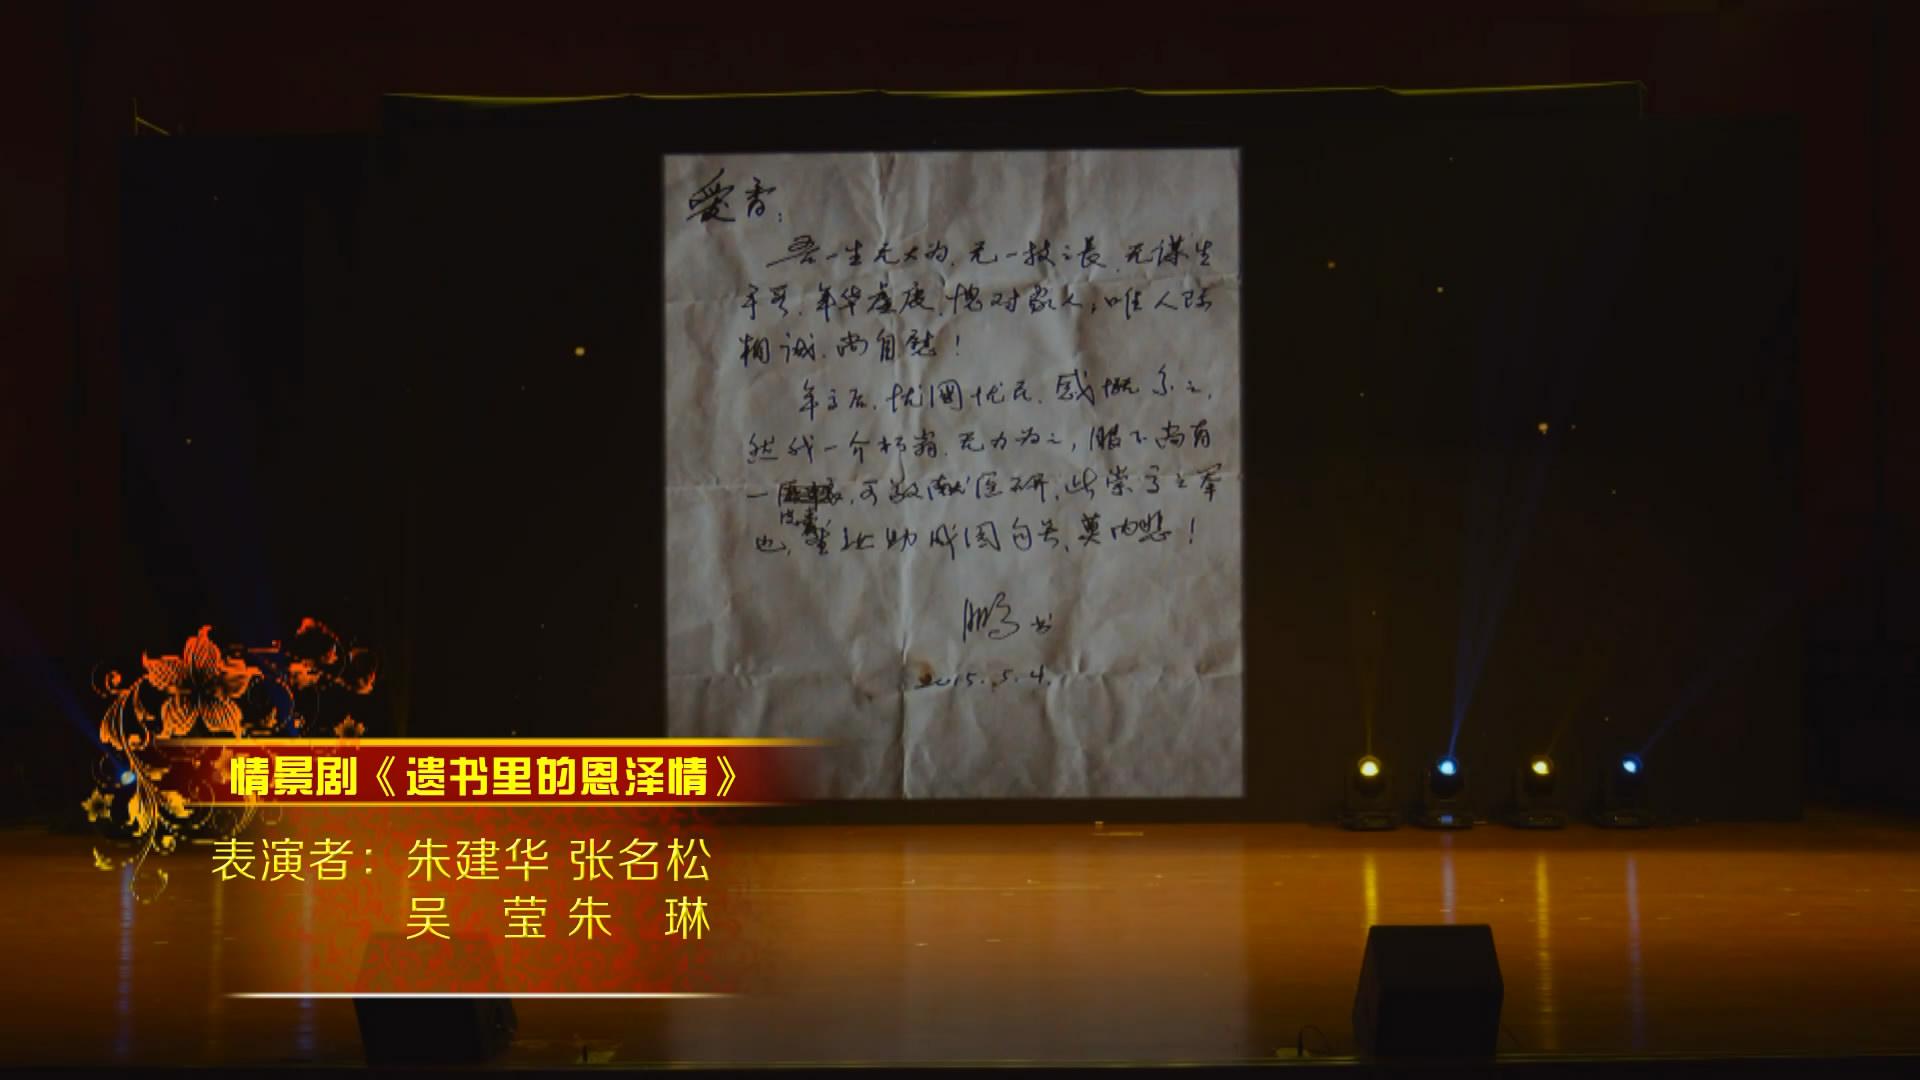 铜陵:情景表演《遗书里的恩泽情[00_00_08][20181016-193054-0].JPG